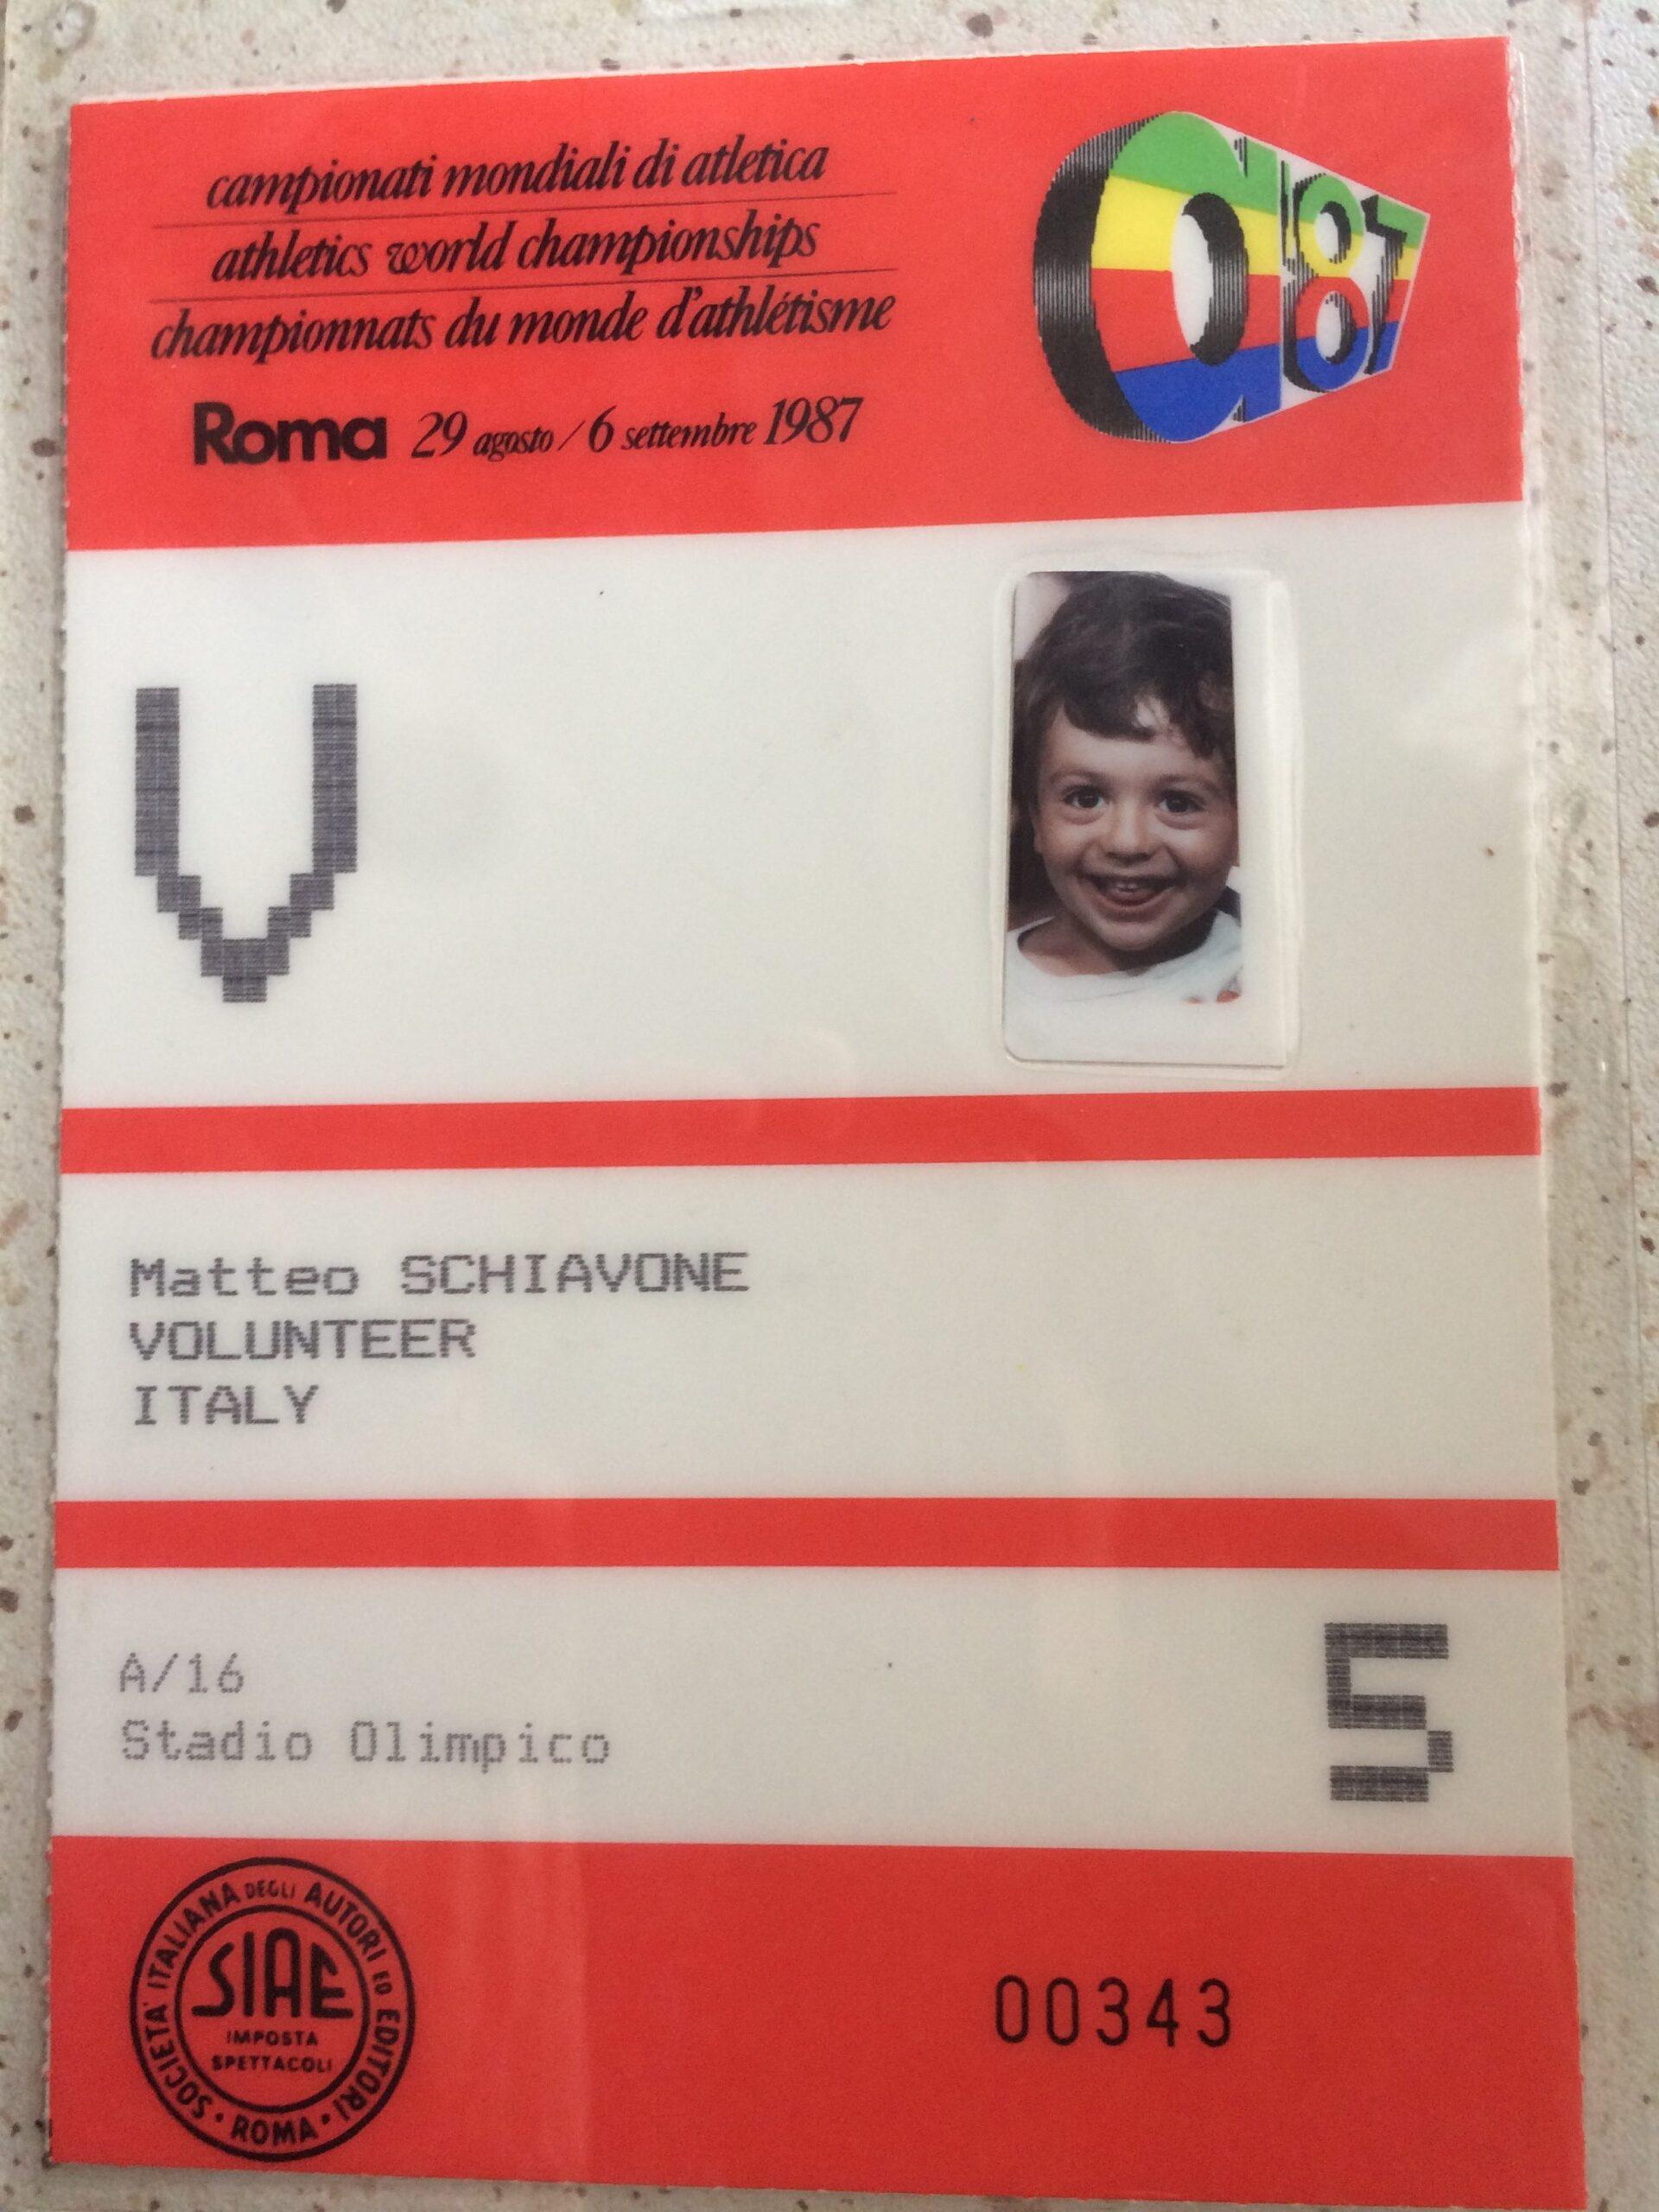 Presentazione Matteo Schiavone 1987